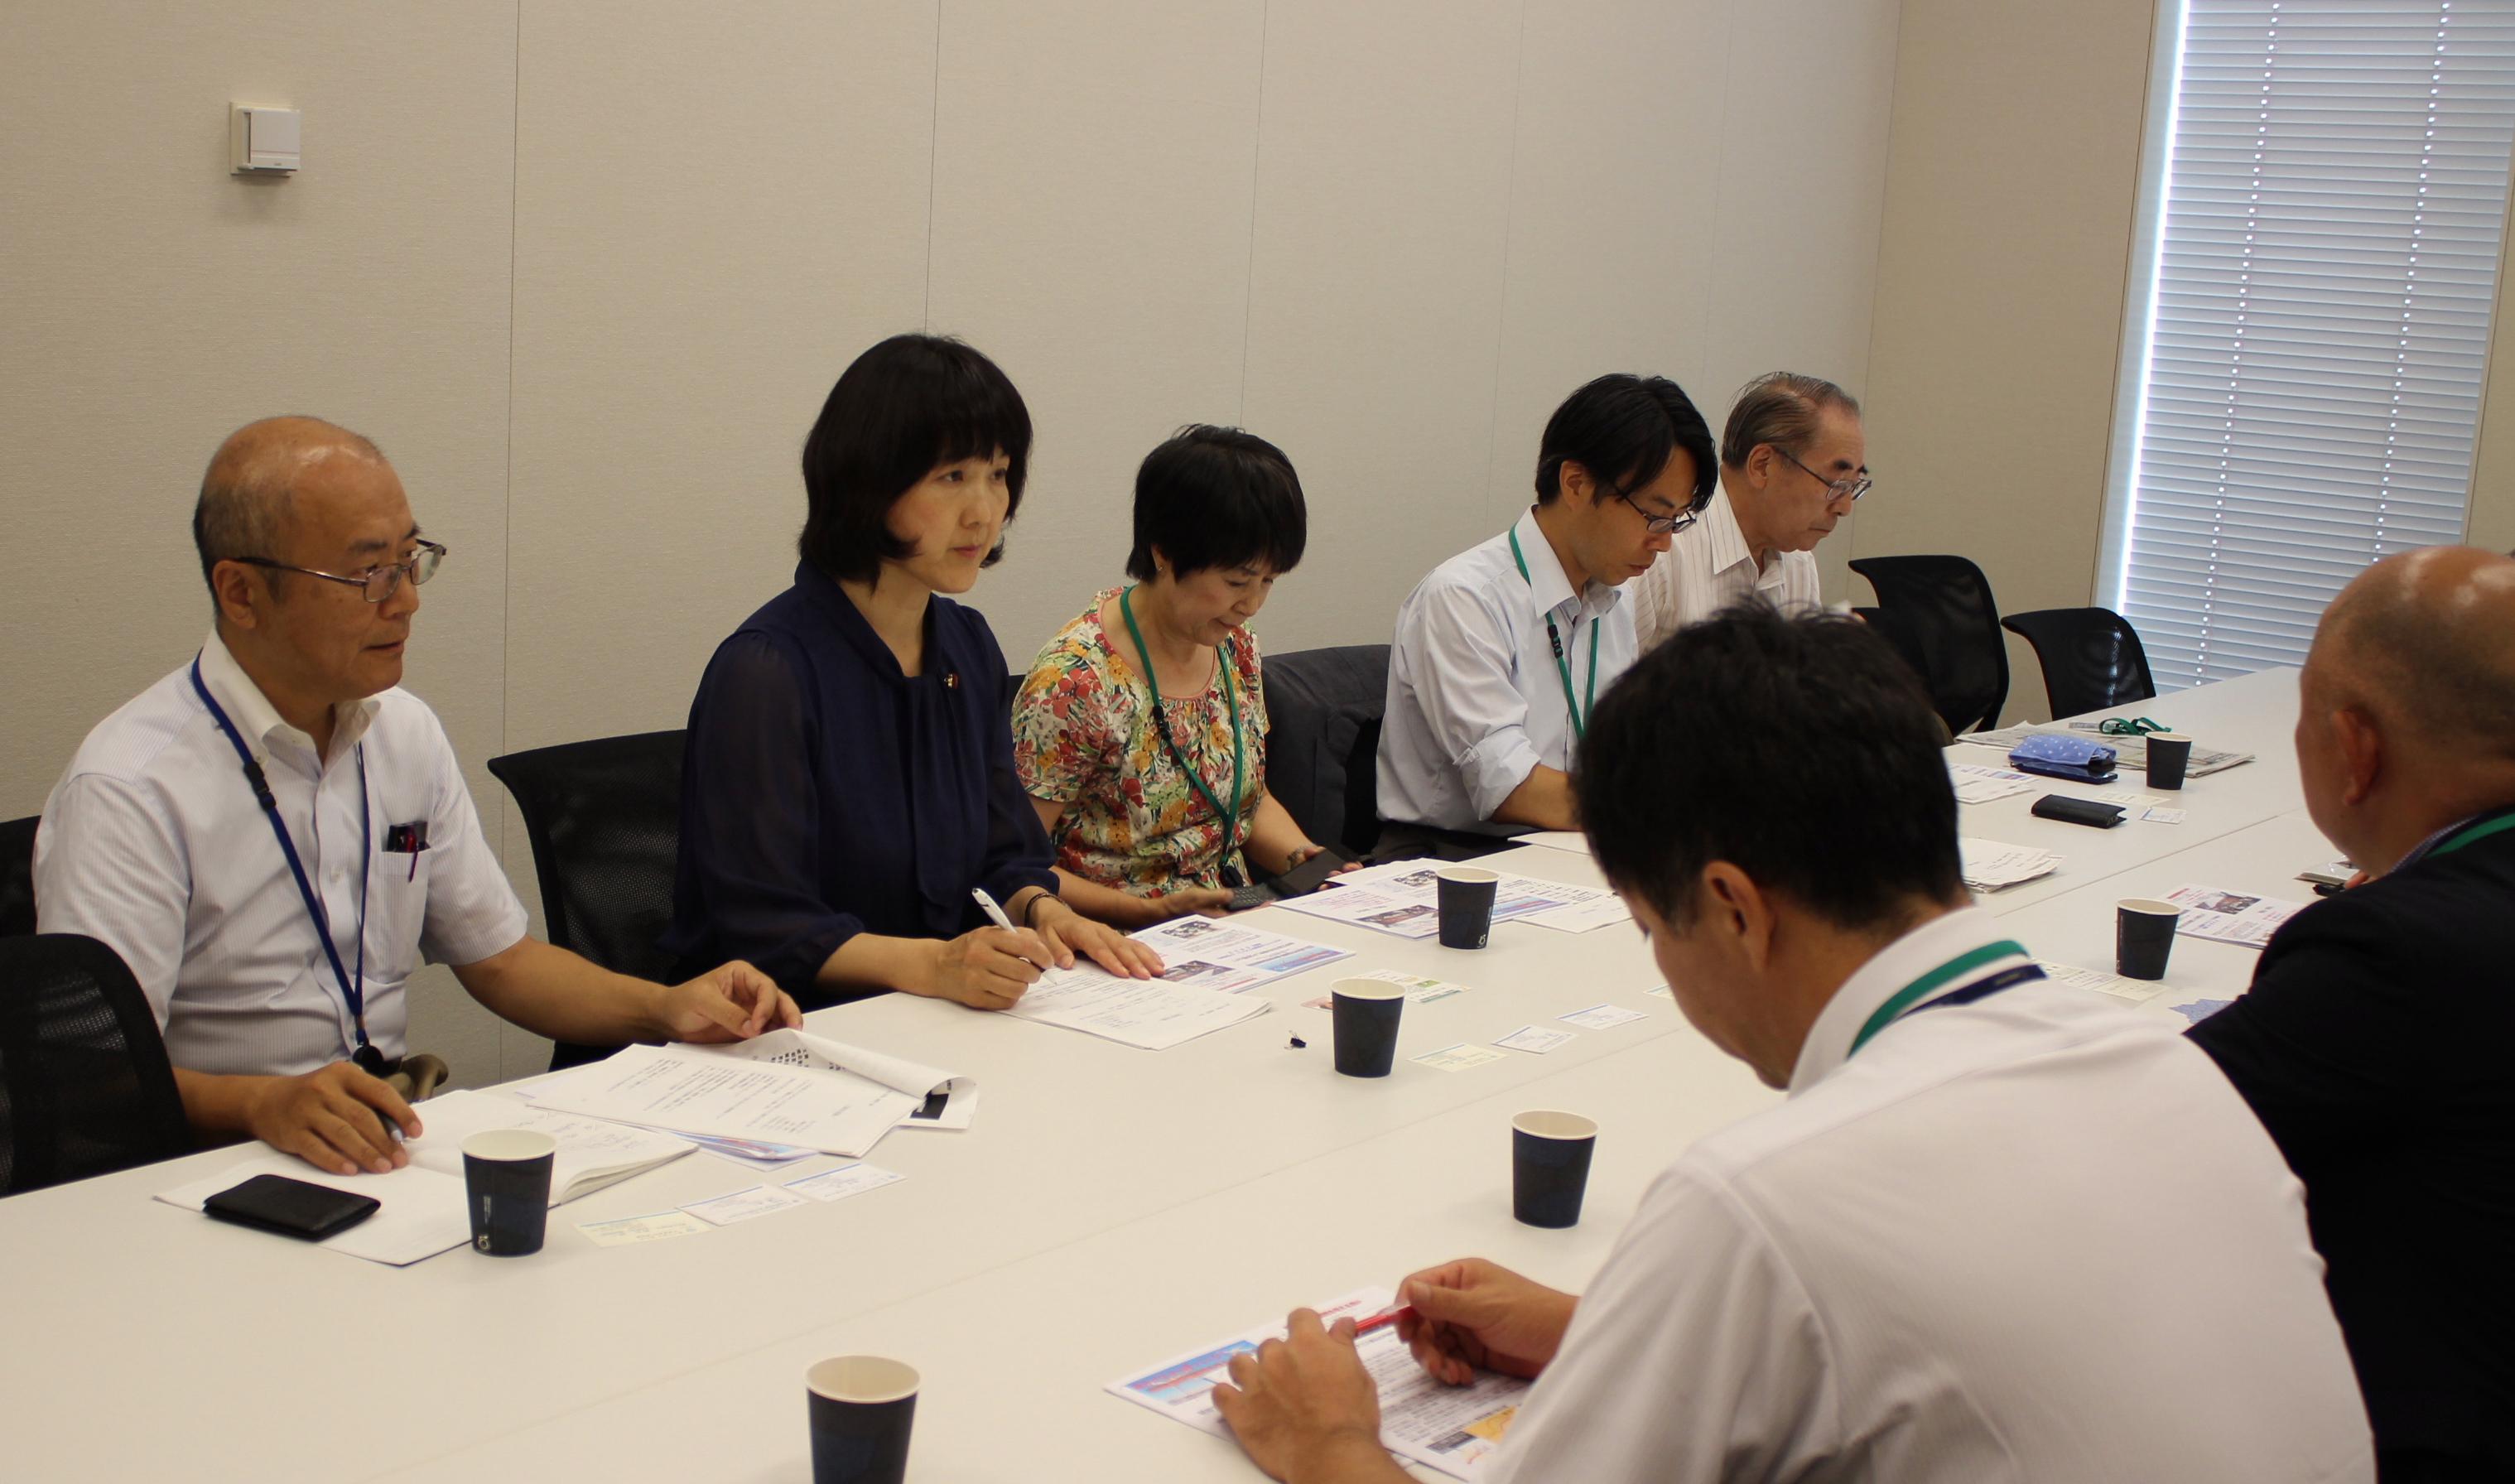 国土交通省航空局の担当から説明をうける梶原市議(左)と梅村議員(左から2人目)